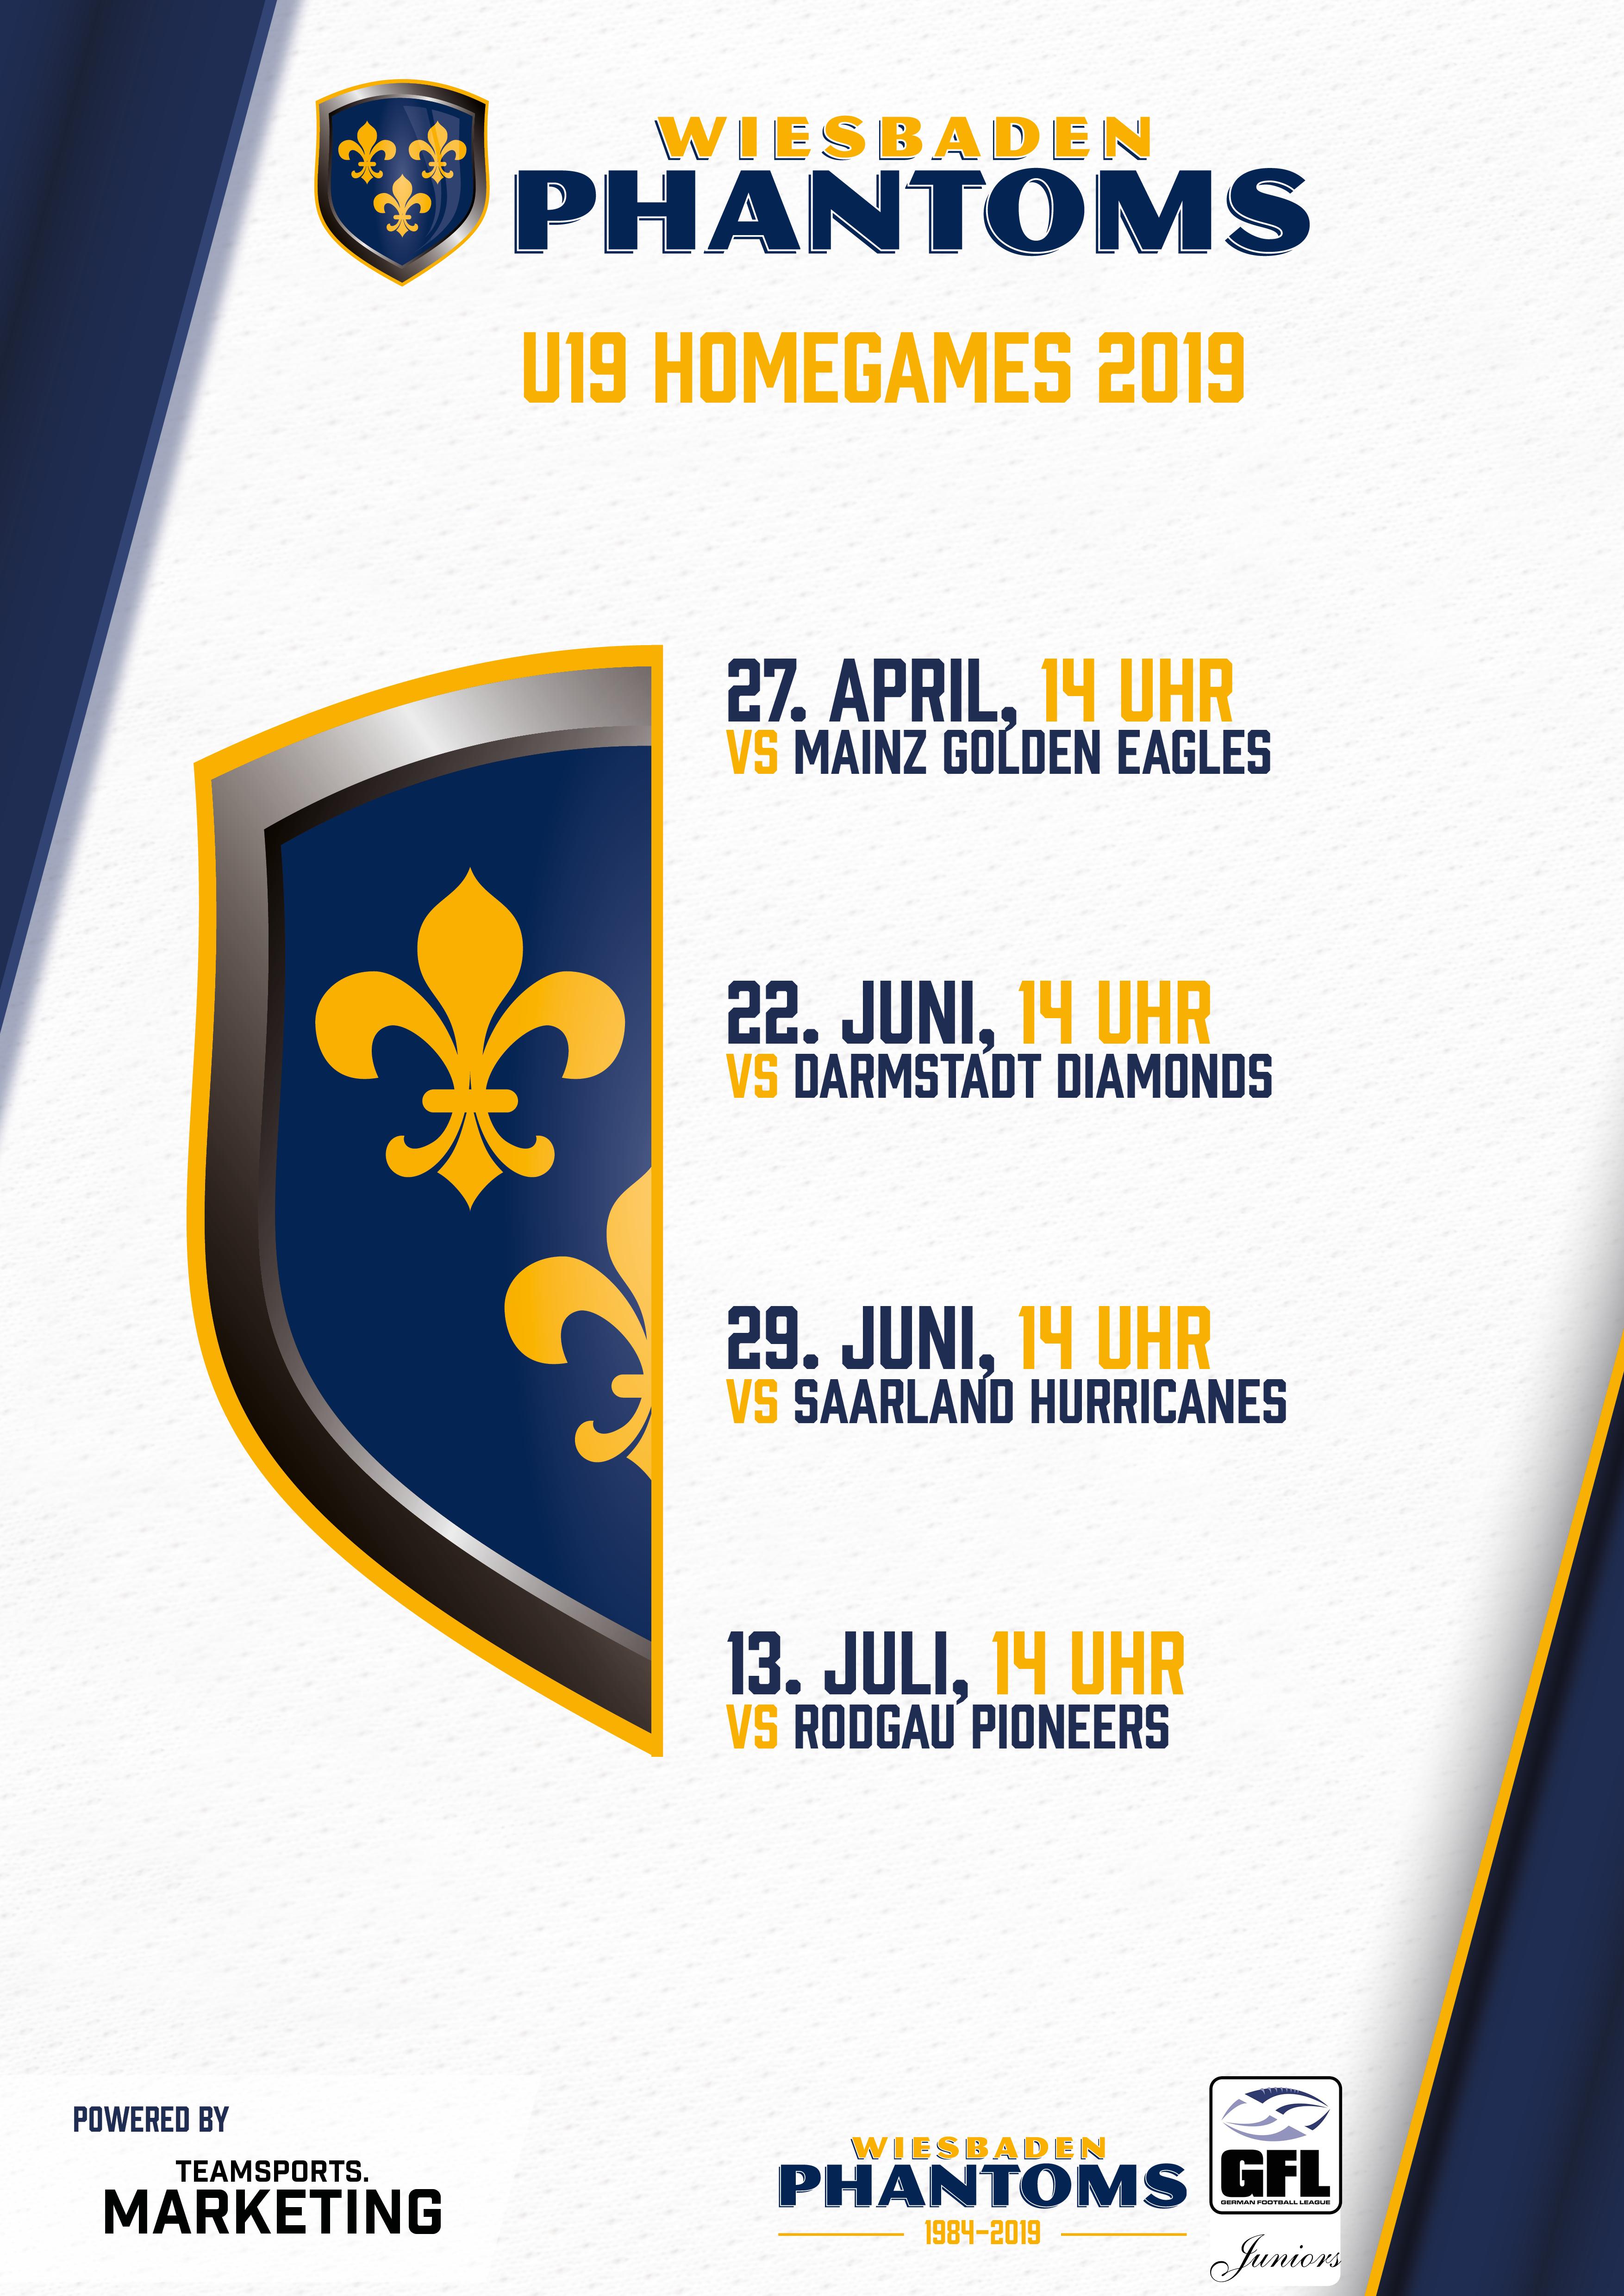 WP_SpielplanHomegames_U19